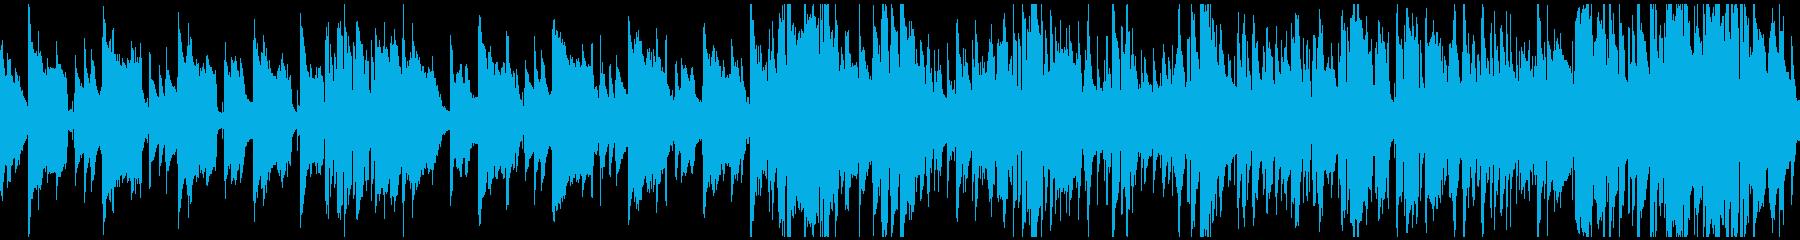 スパイ潜入ジャズハードボイルド※ループ版の再生済みの波形